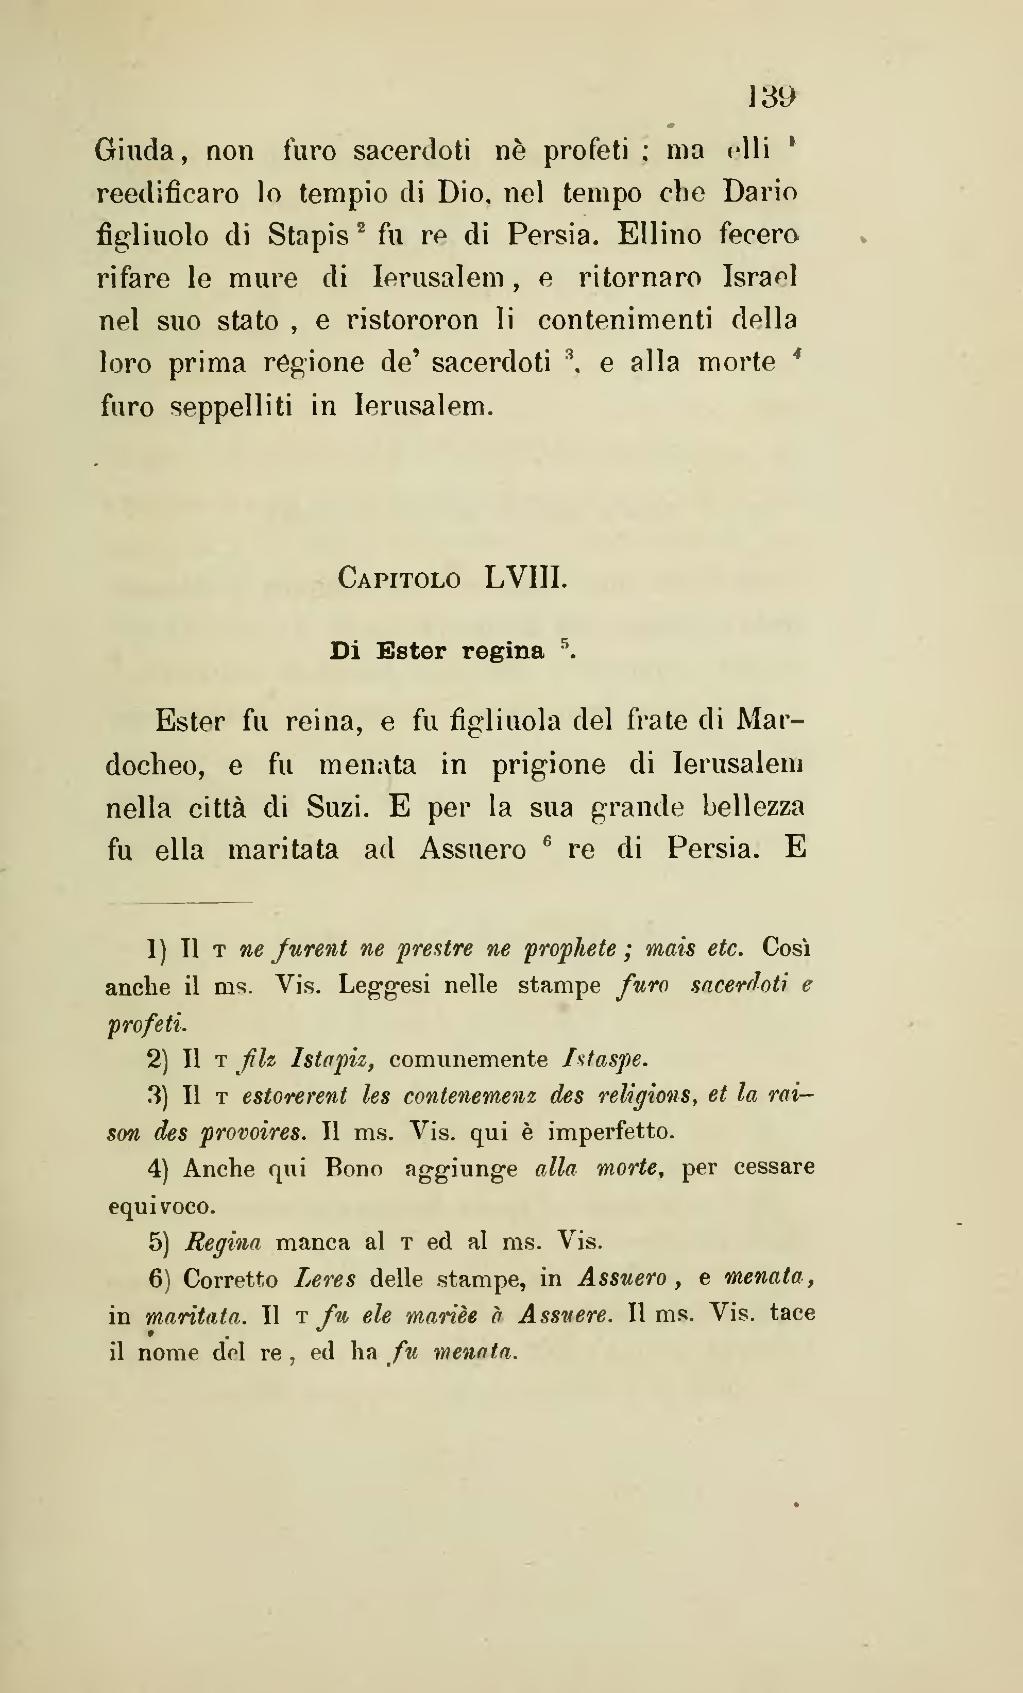 Paginalatini Il Tesoro 1 1878djvu211 Wikisource